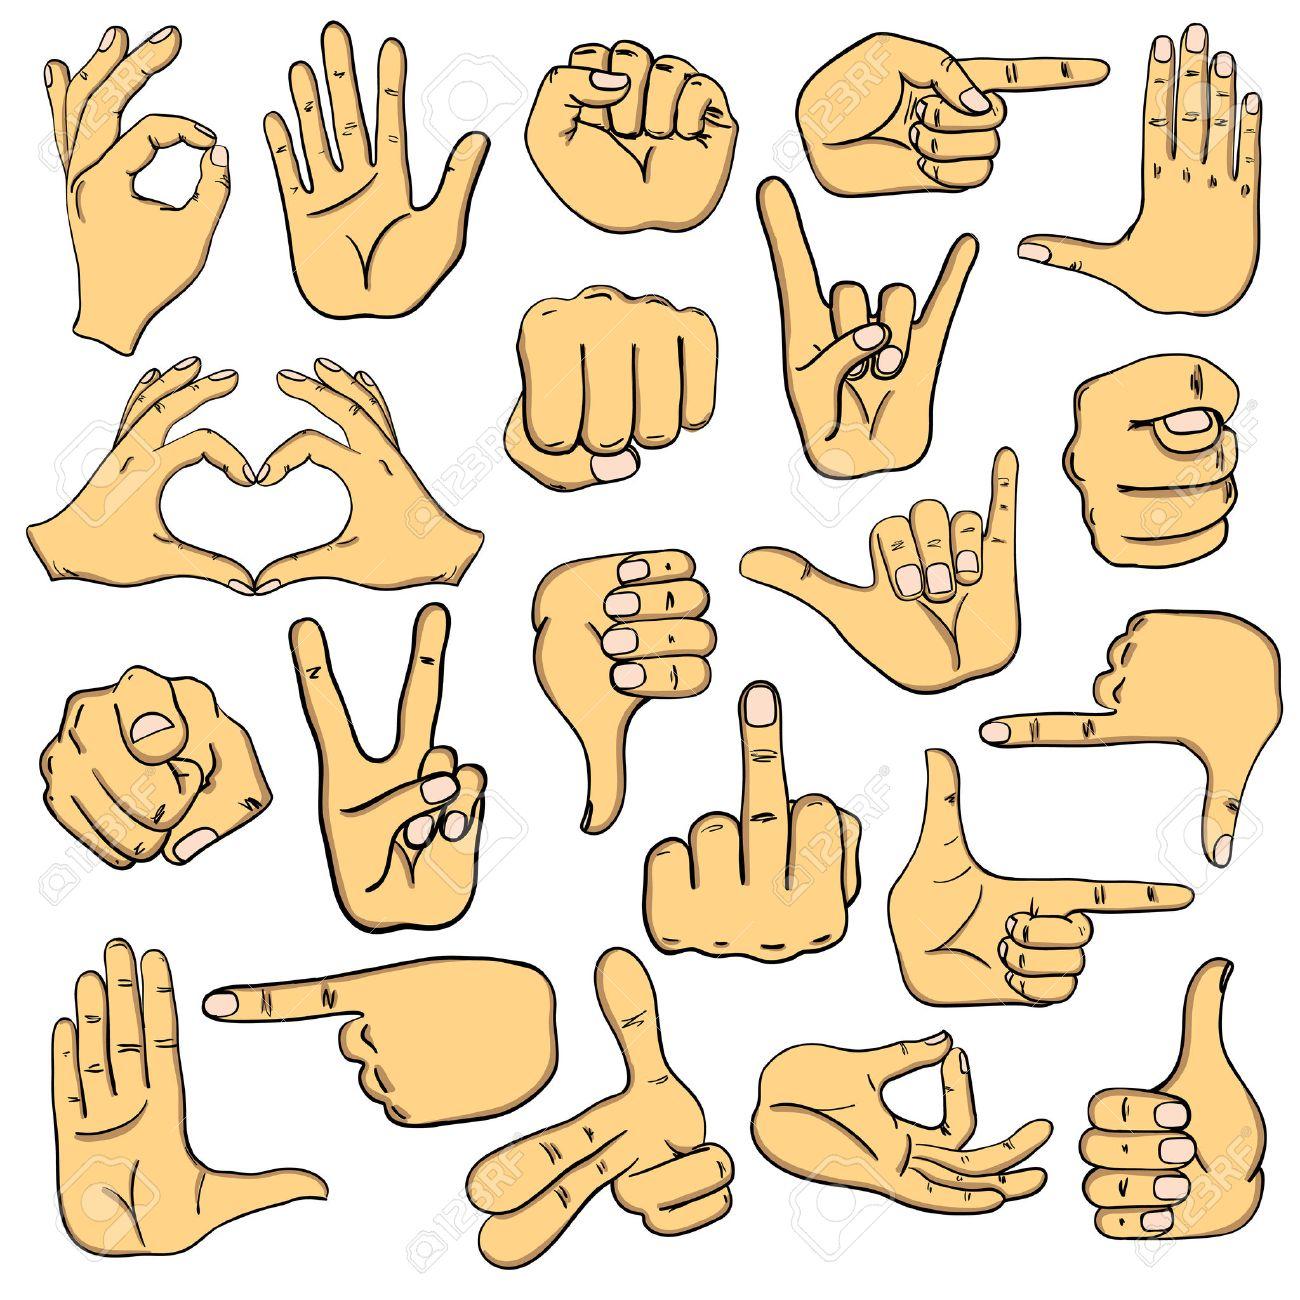 Conjunto De Manos Humanas Iconos De Dibujos Animados Emoji Gestos Signos Y Señales